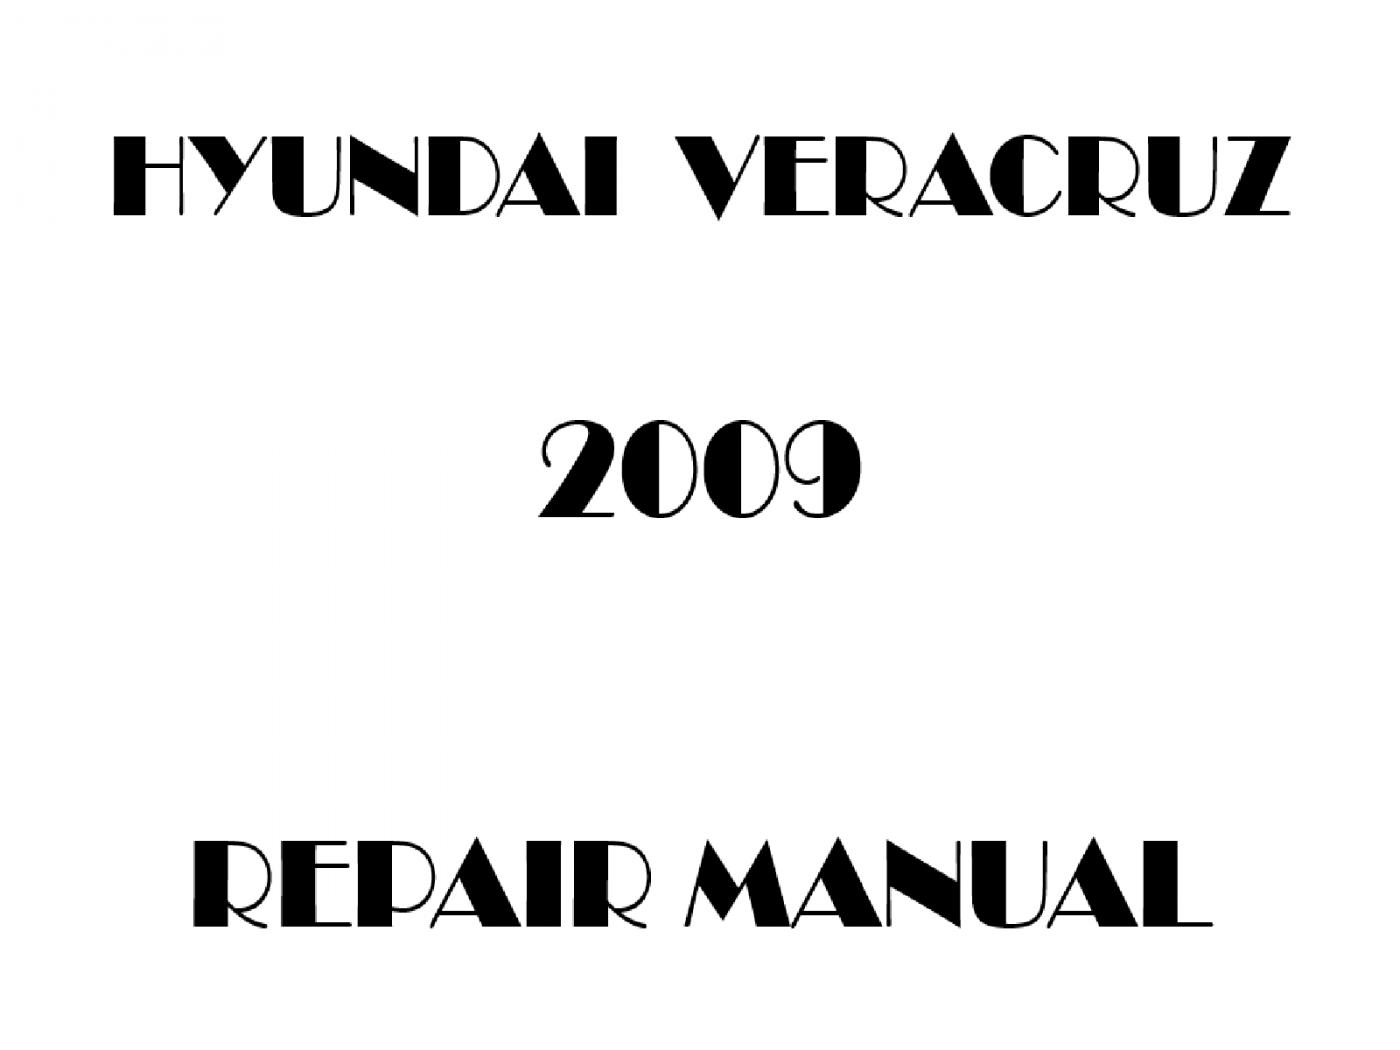 2009 Hyundai Veracruz repair manual